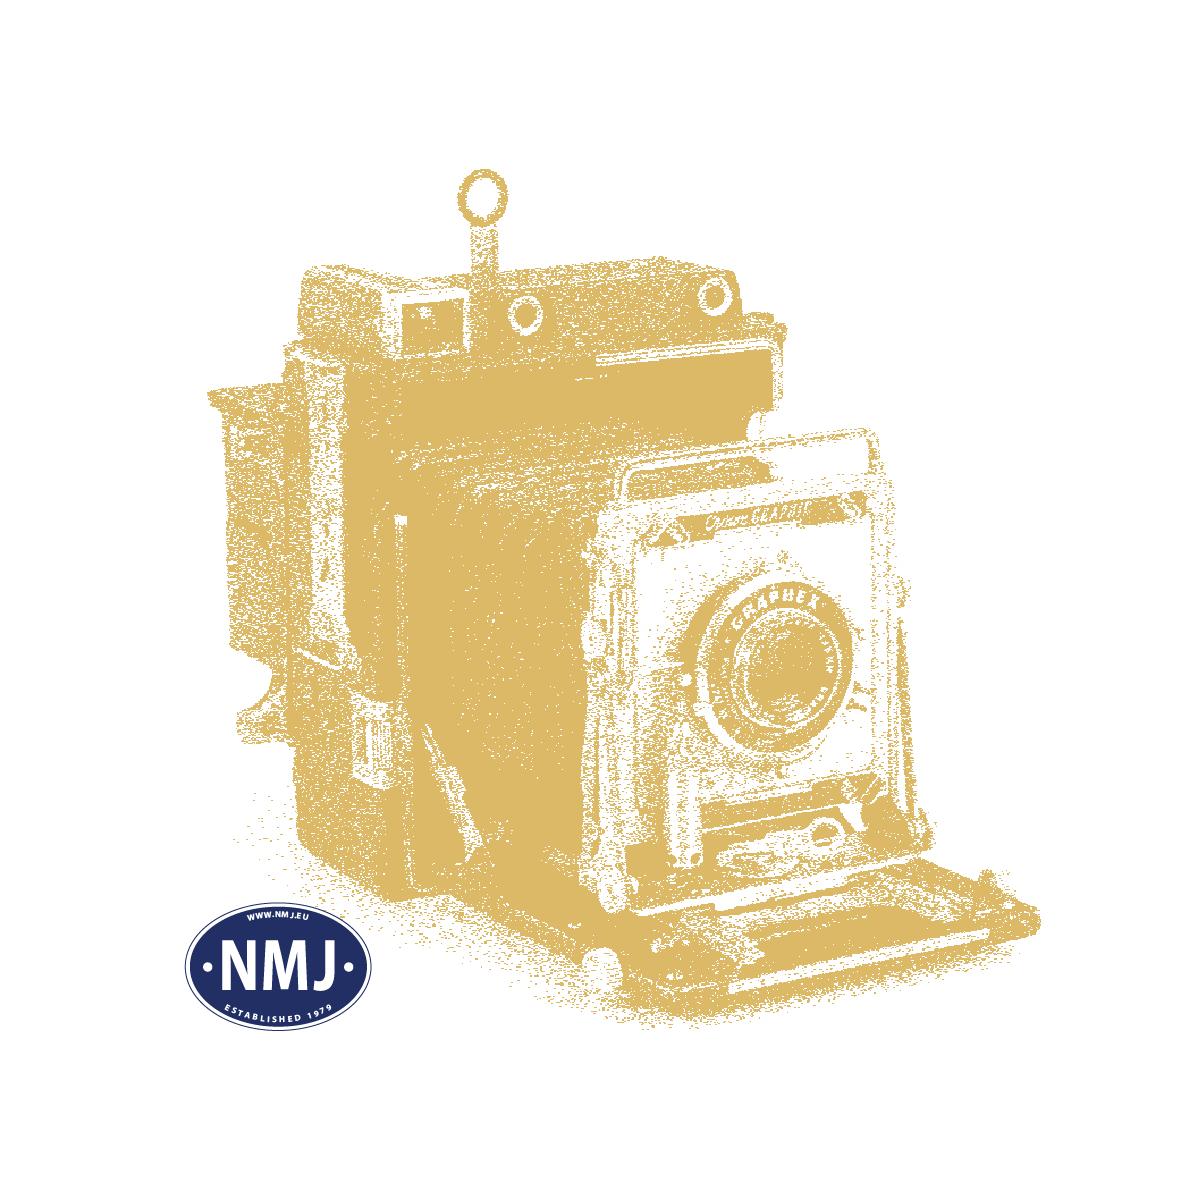 NMJH15126 - Krogstad Dressinskur, Ferdigmodell